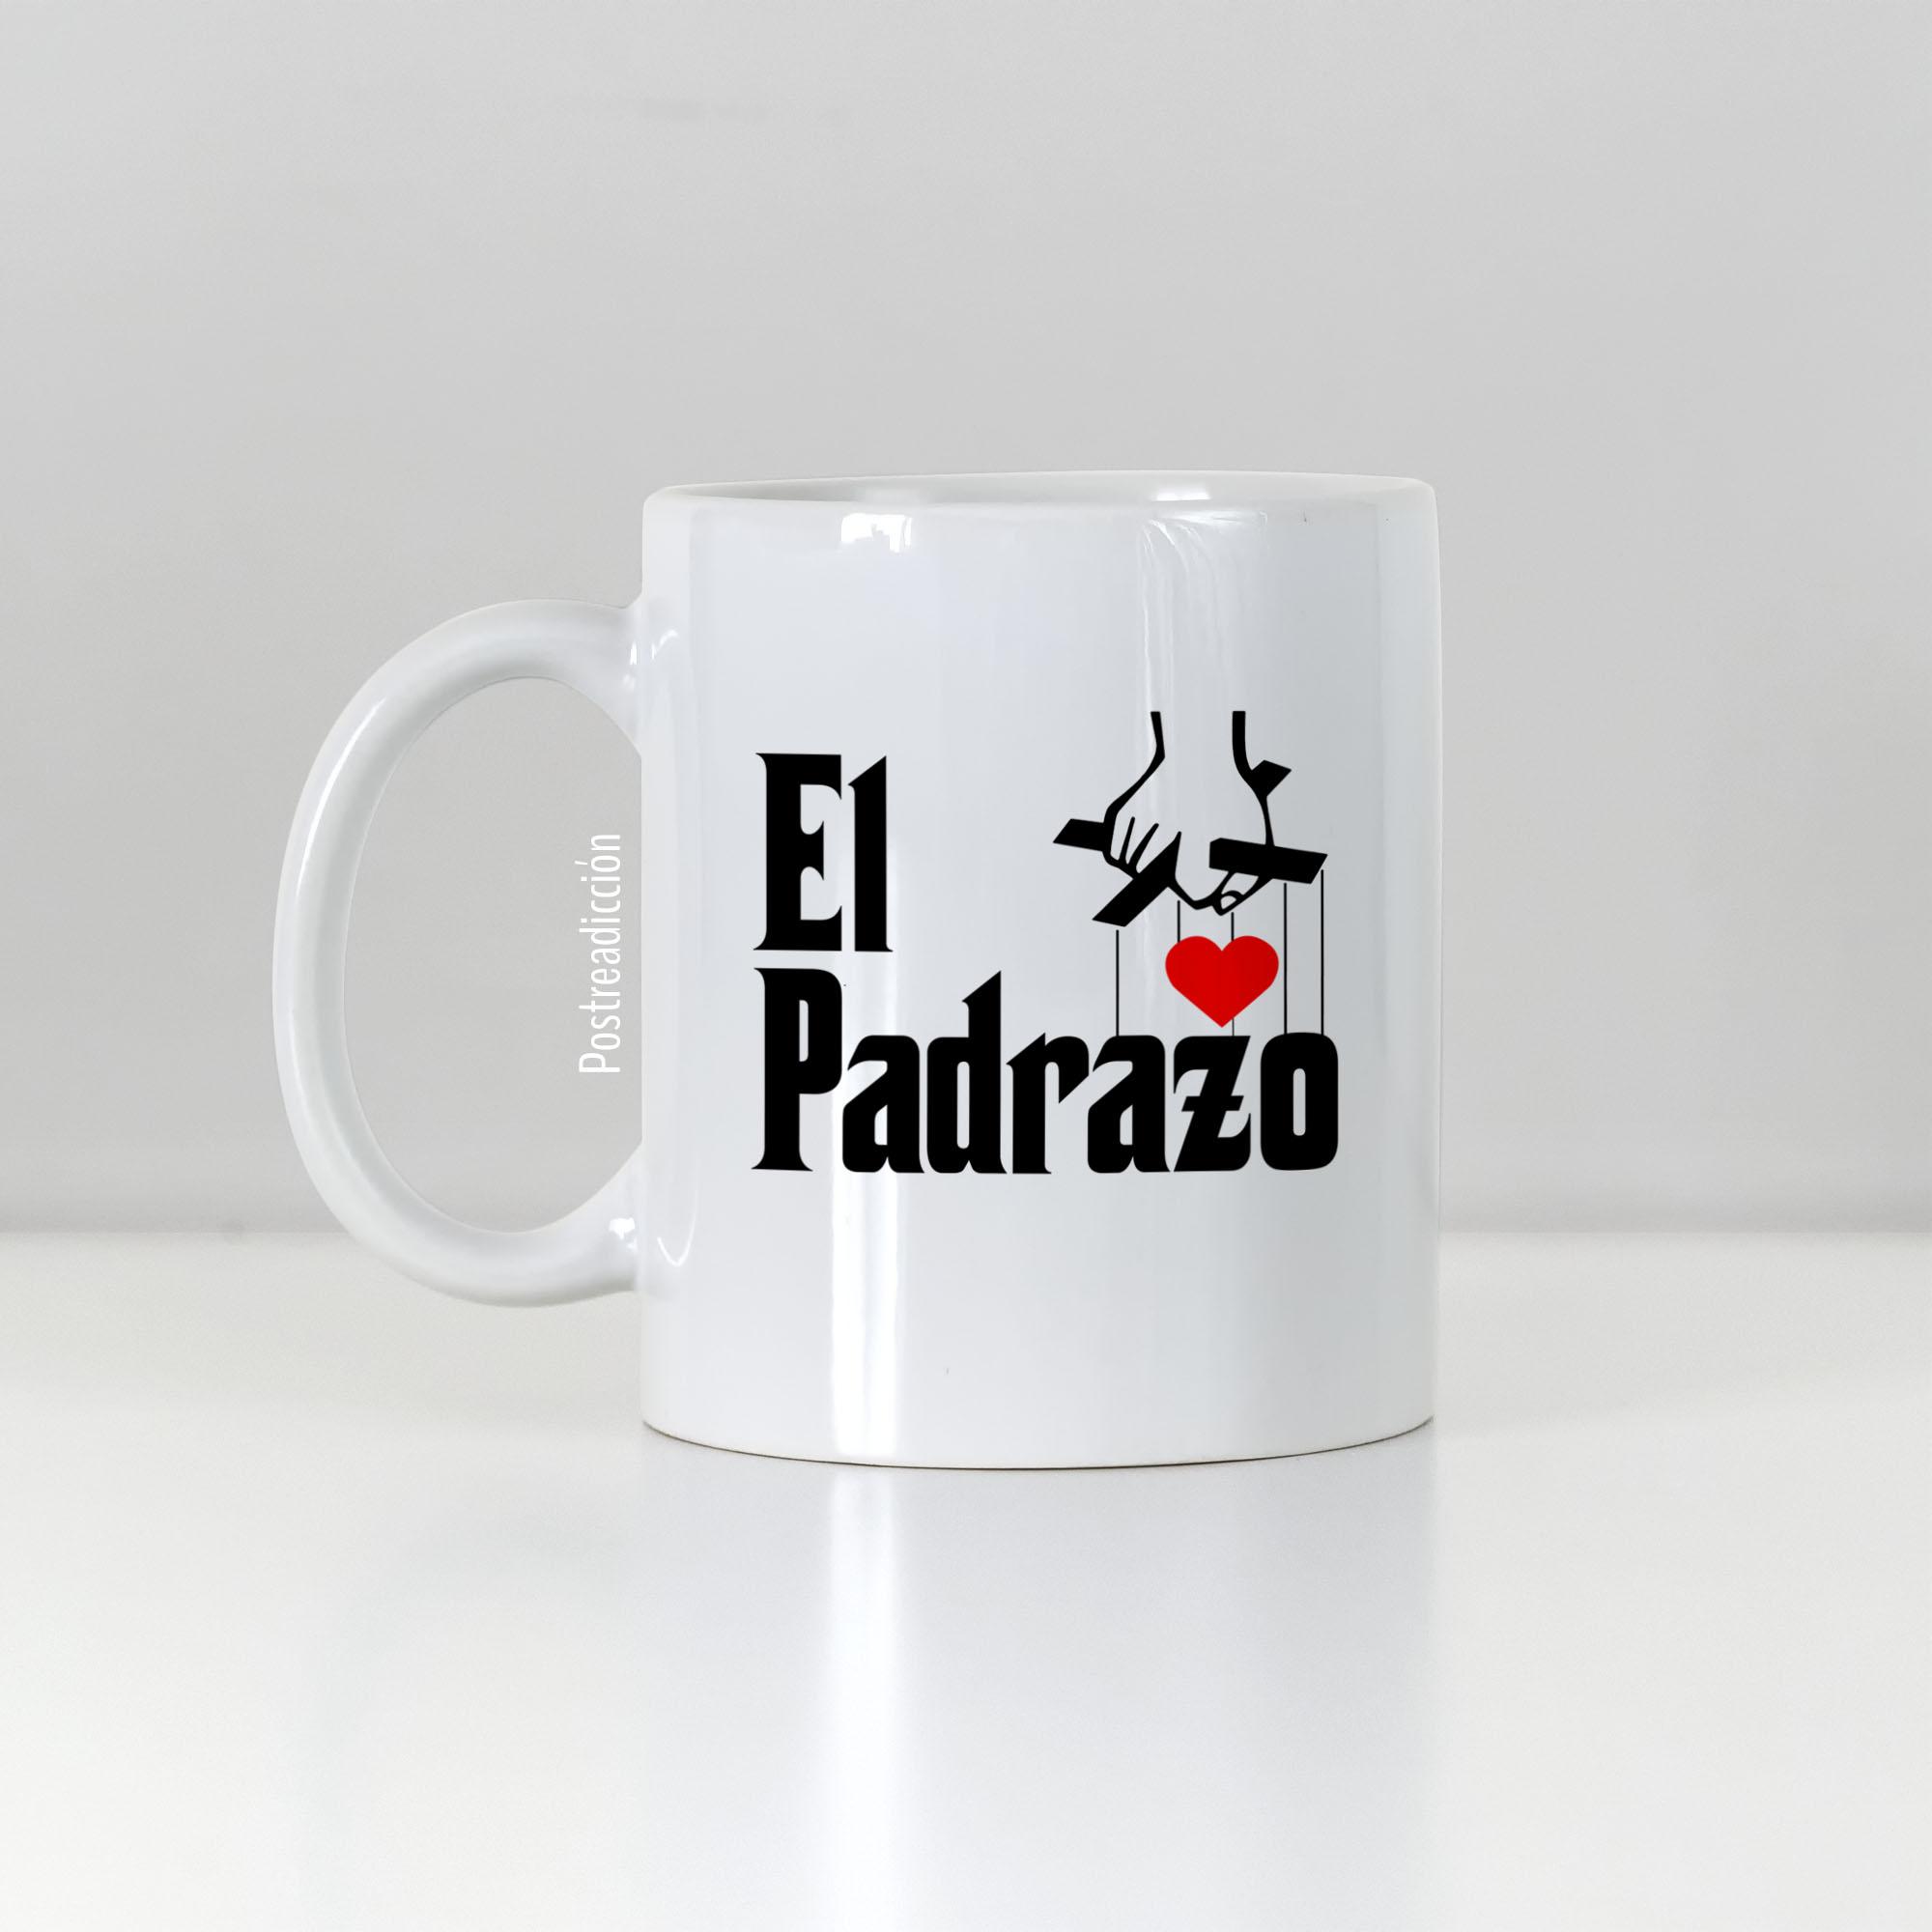 """Imagen del producto: Taza """"El Padrazo"""" con nombre"""